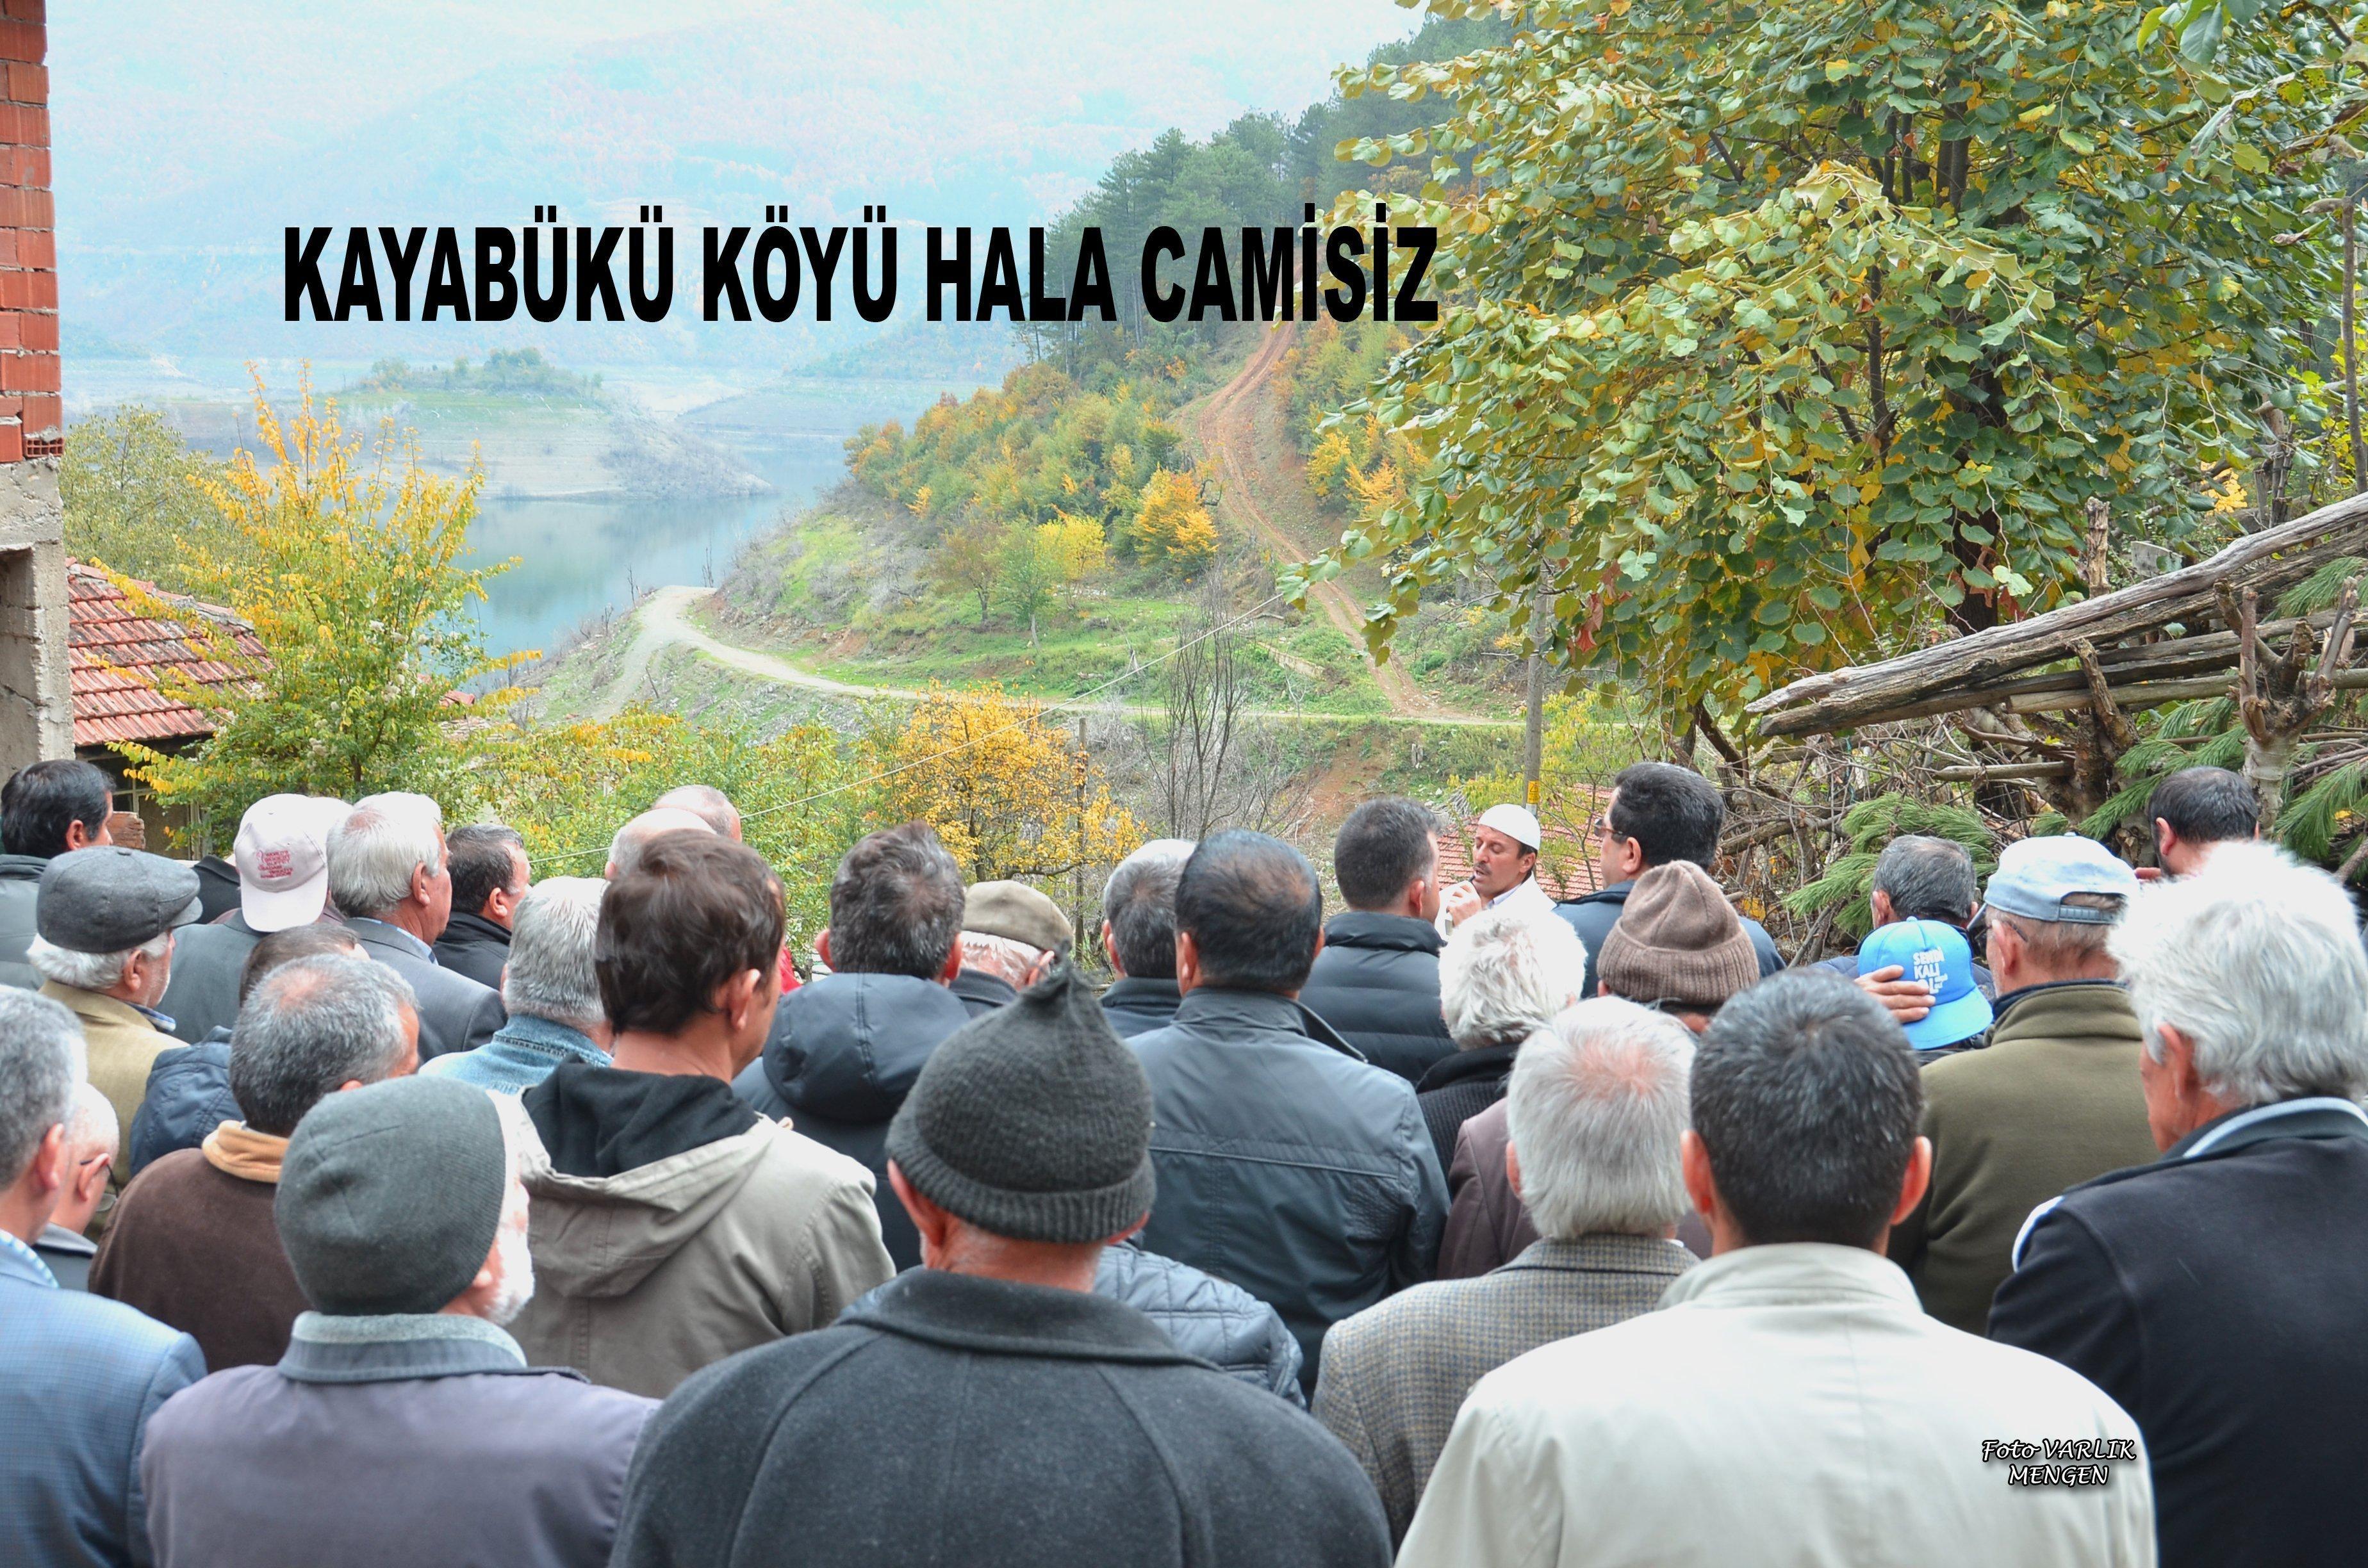 (Arşiv Haber) Kayabükü Köyü Hala Camisiz